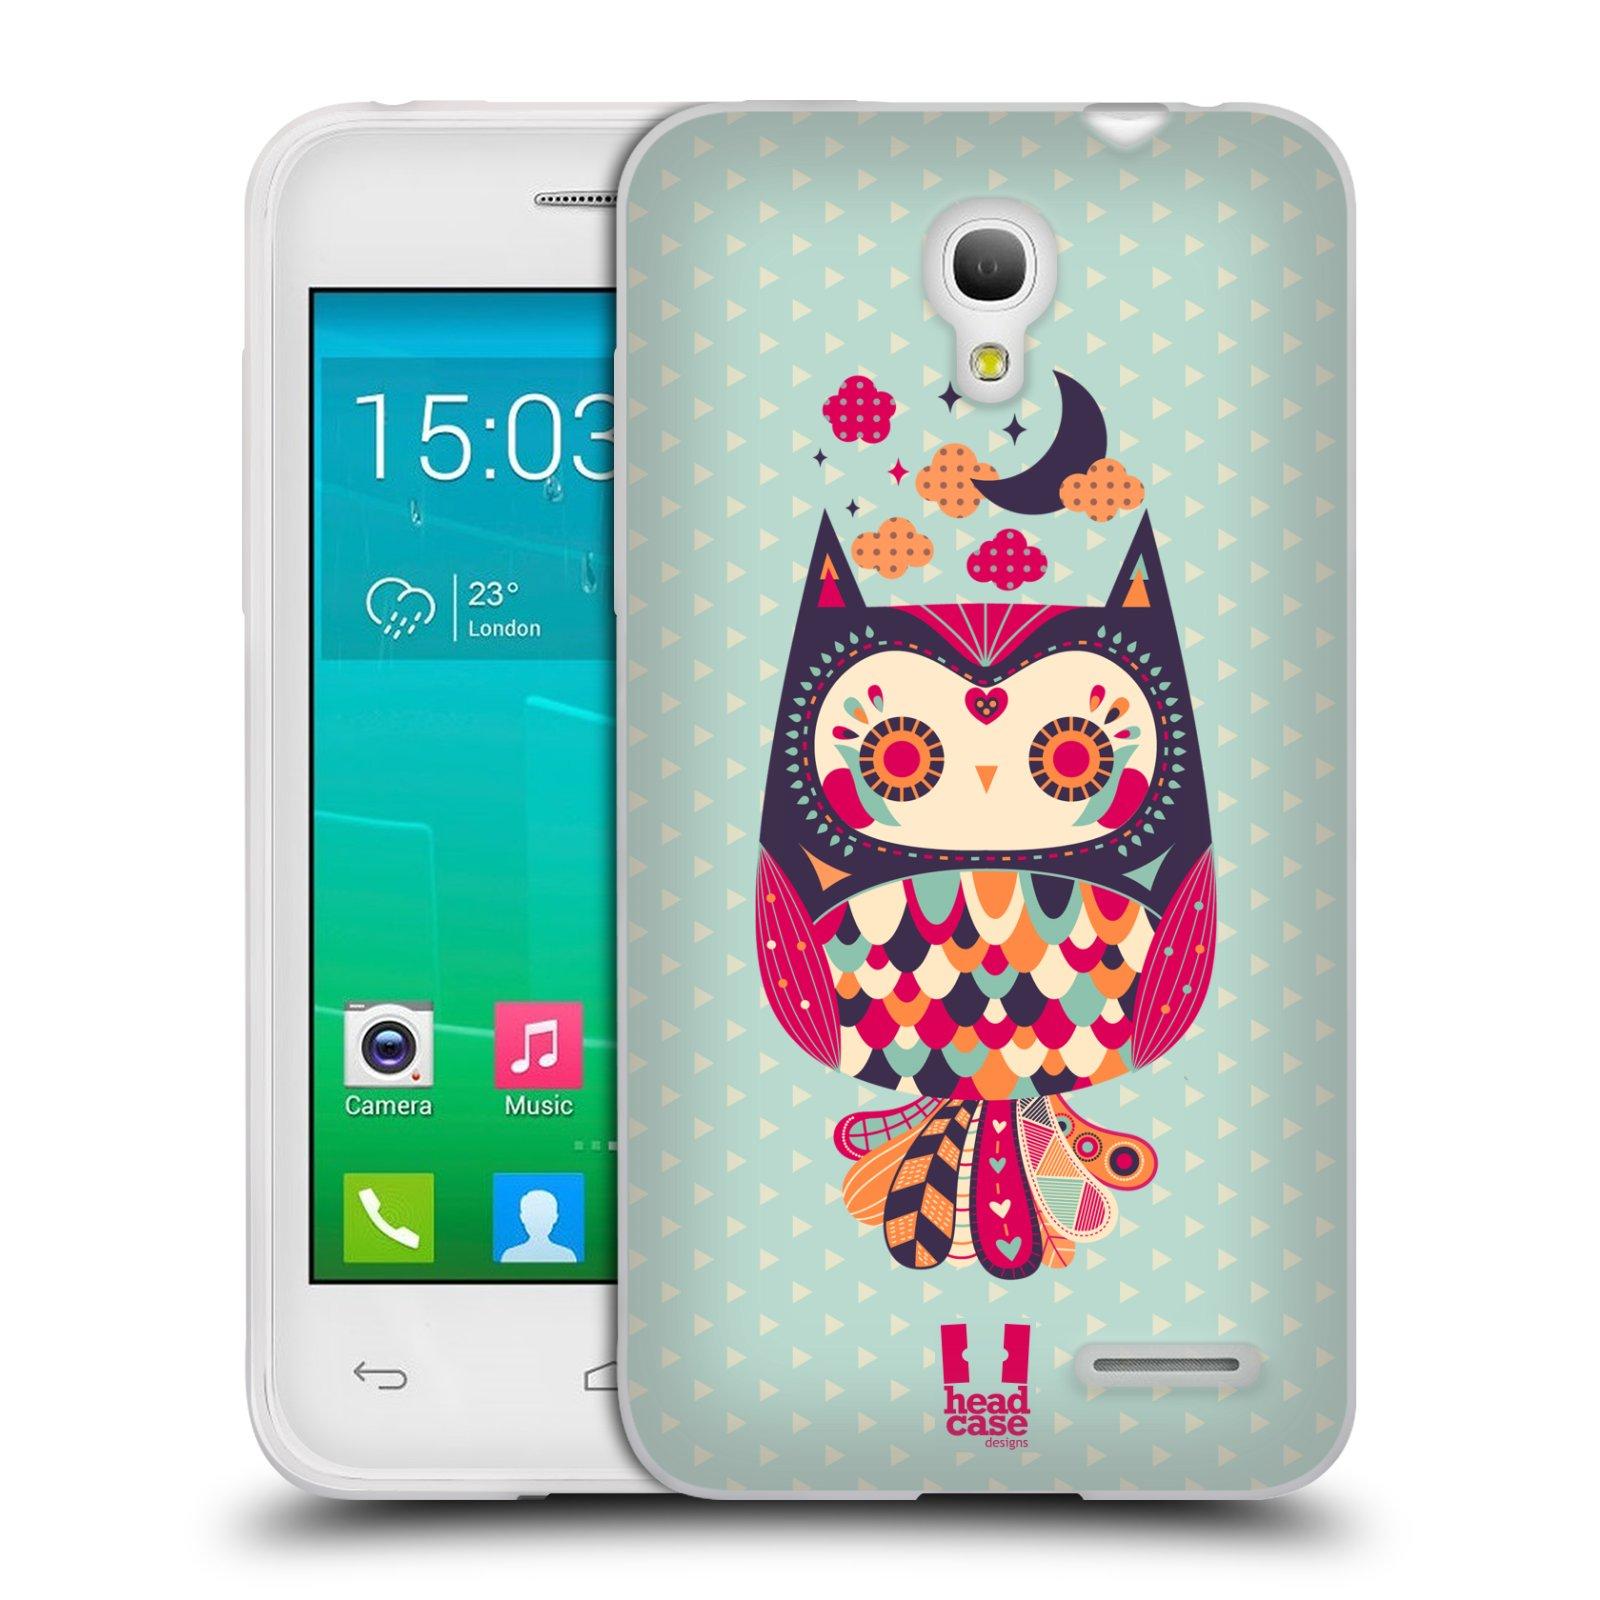 HEAD CASE silikonový obal na mobil Alcatel POP S3 OT-5050Y vzor Stmívání sovička růžová a fialová